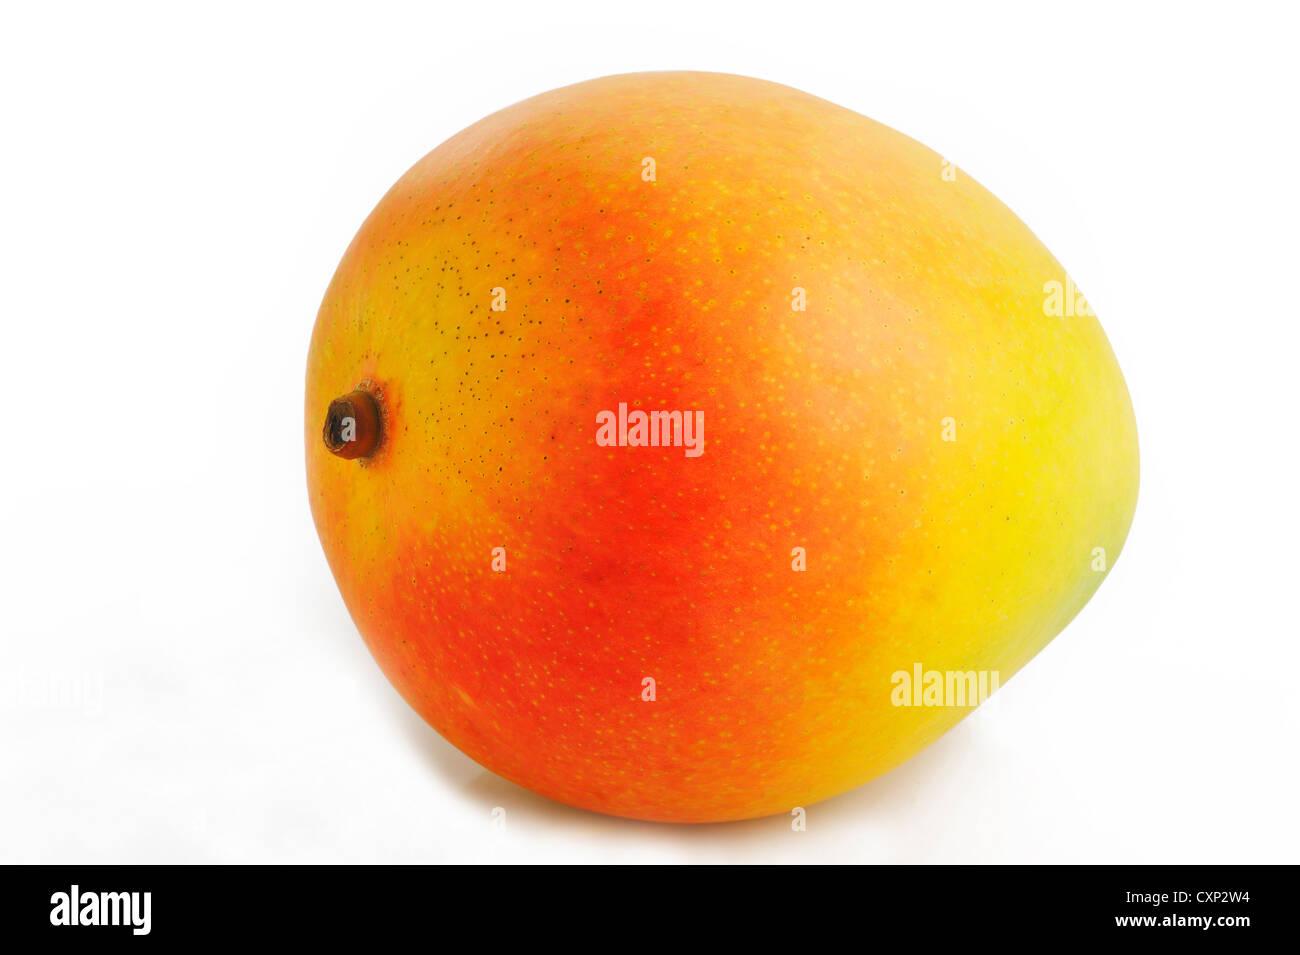 mango on white background - Stock Image